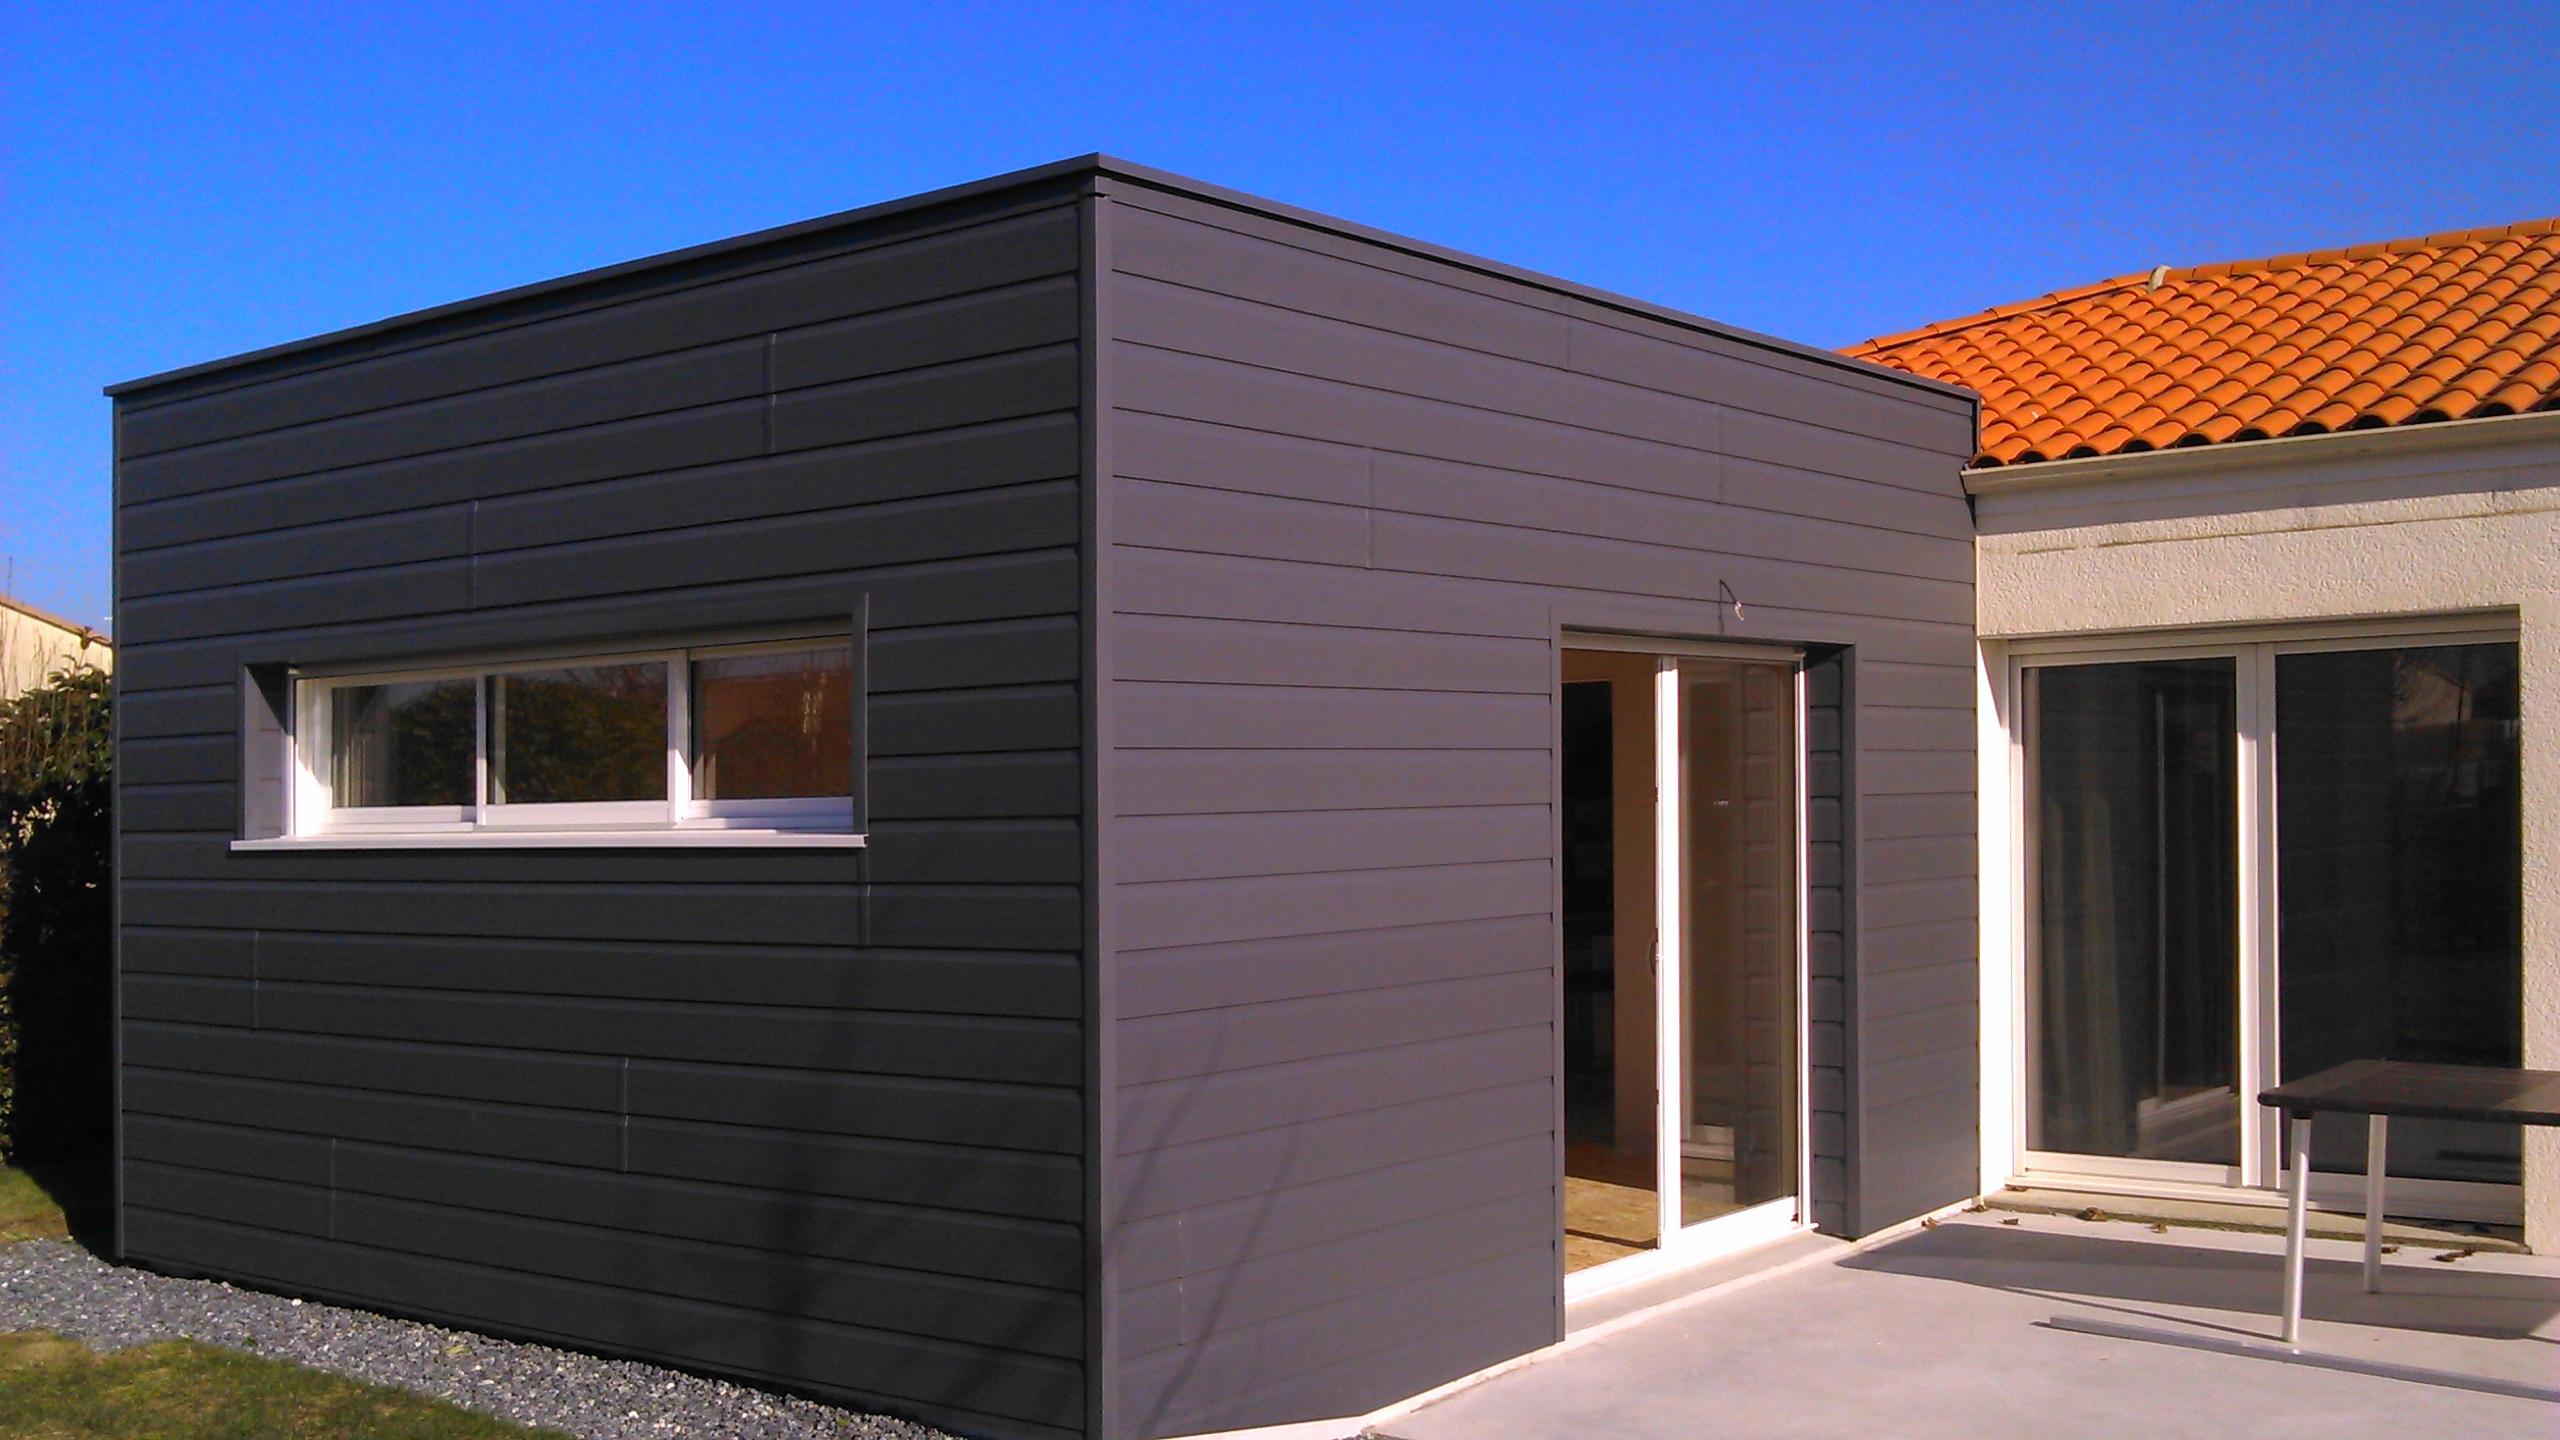 Maison Bois Vendée - Maison Bois Vendée ~ Catodon com Obtenez des idées de design intéressantes en utilisant du